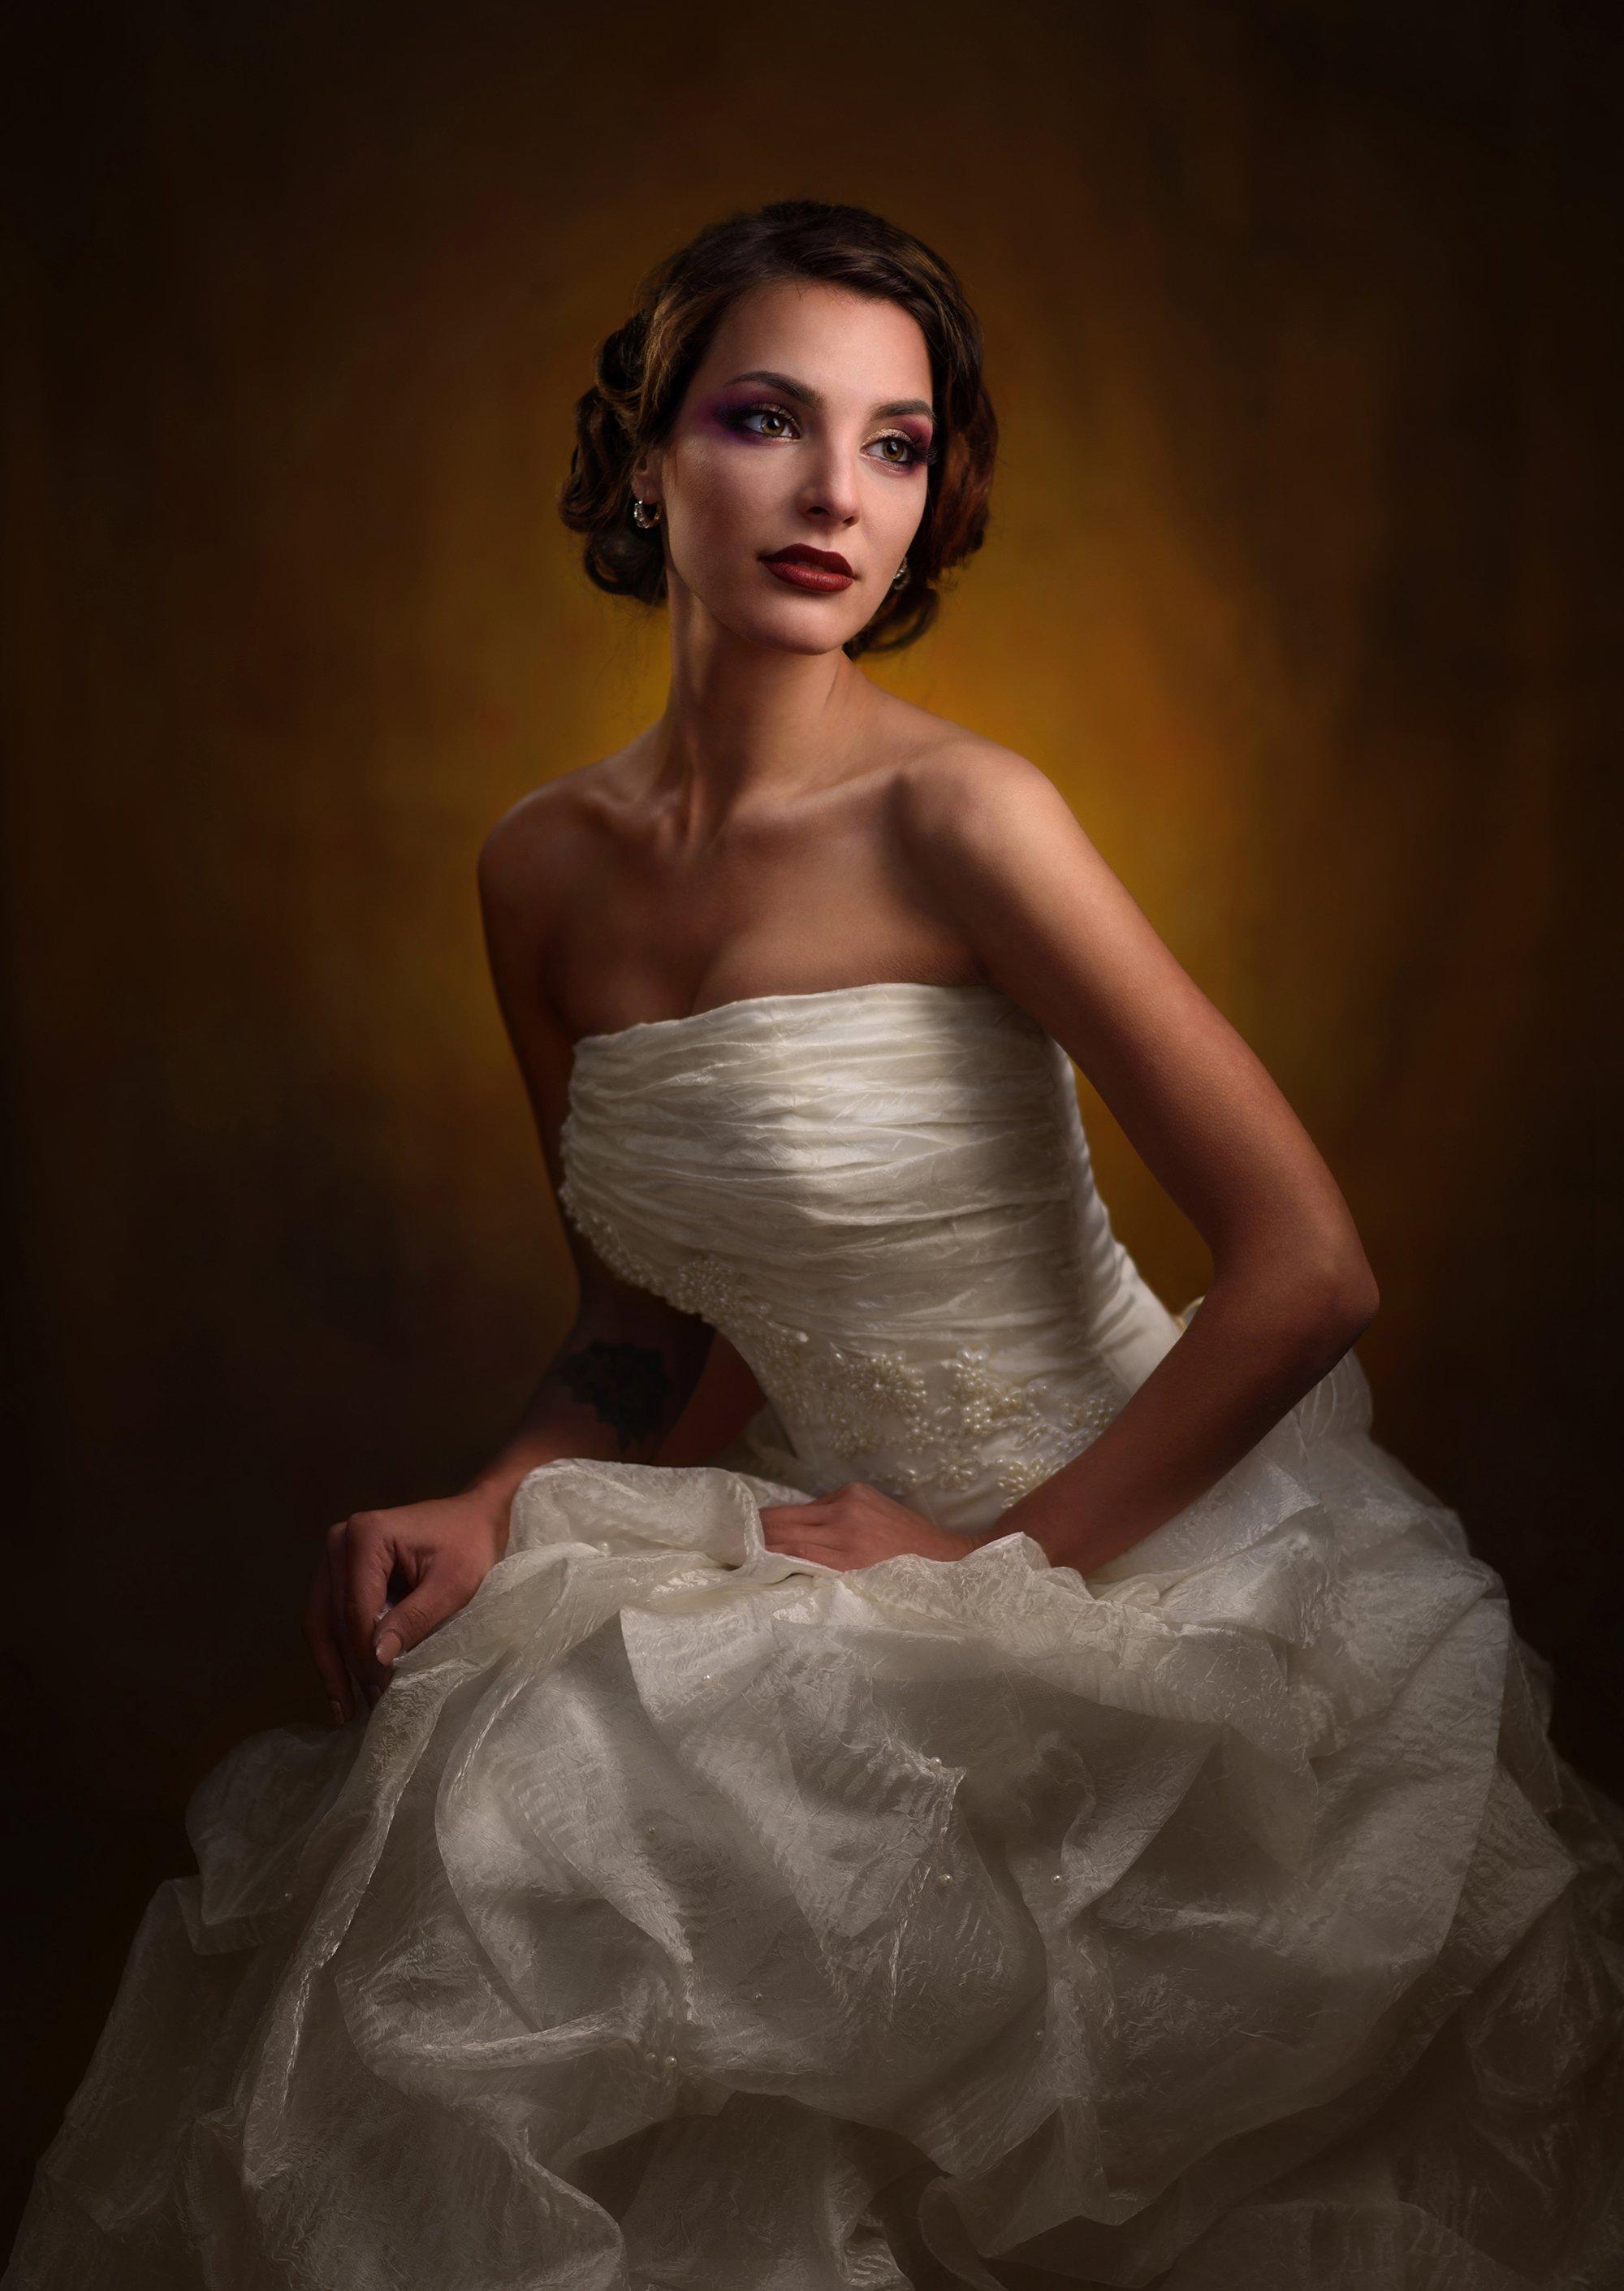 девушка, студия, свет, тень, объем, невеста, Александр Жосан